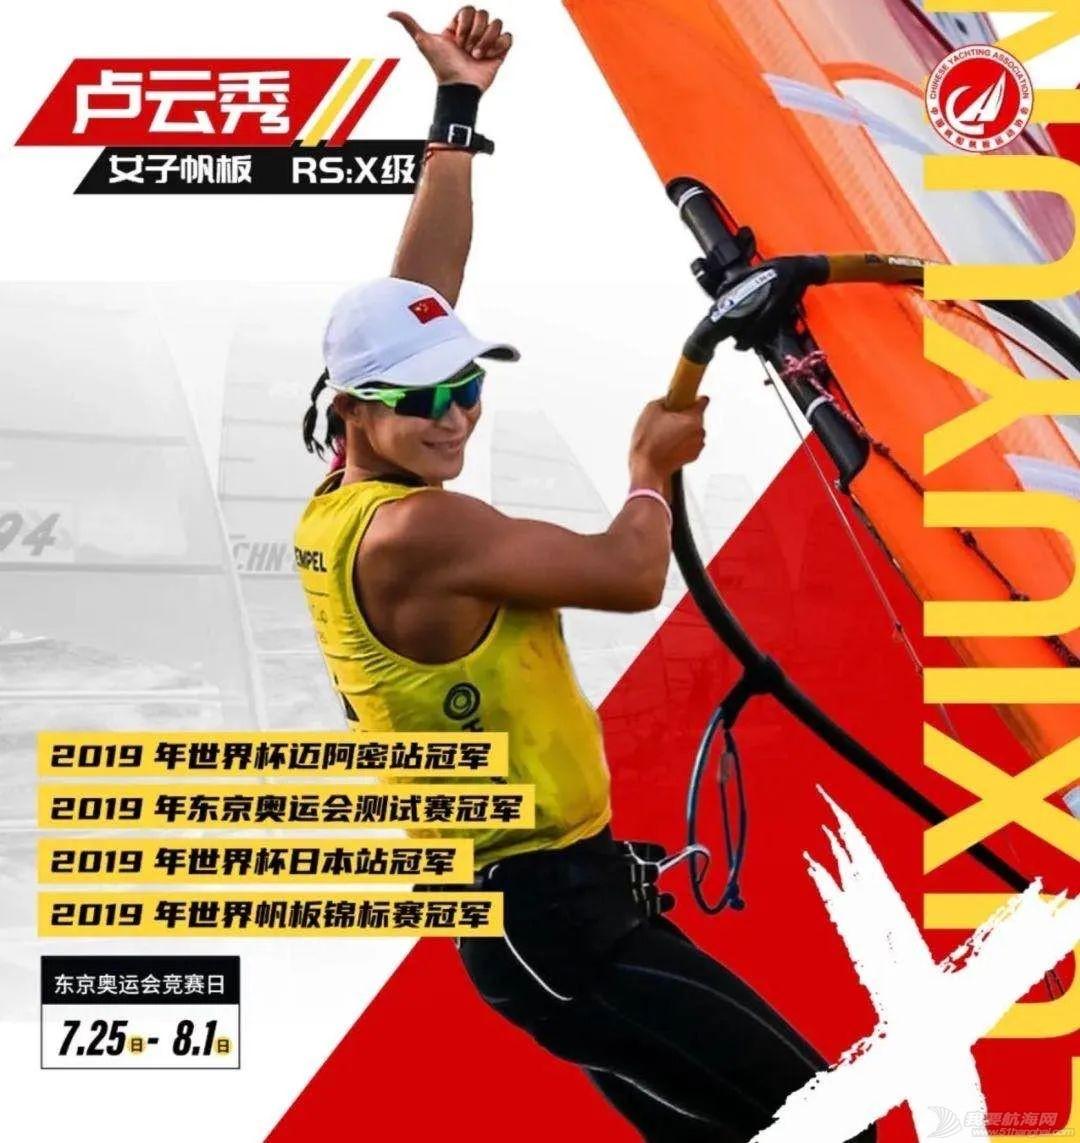 东京奥运系列1丨帆船帆板项目观赛指南w10.jpg